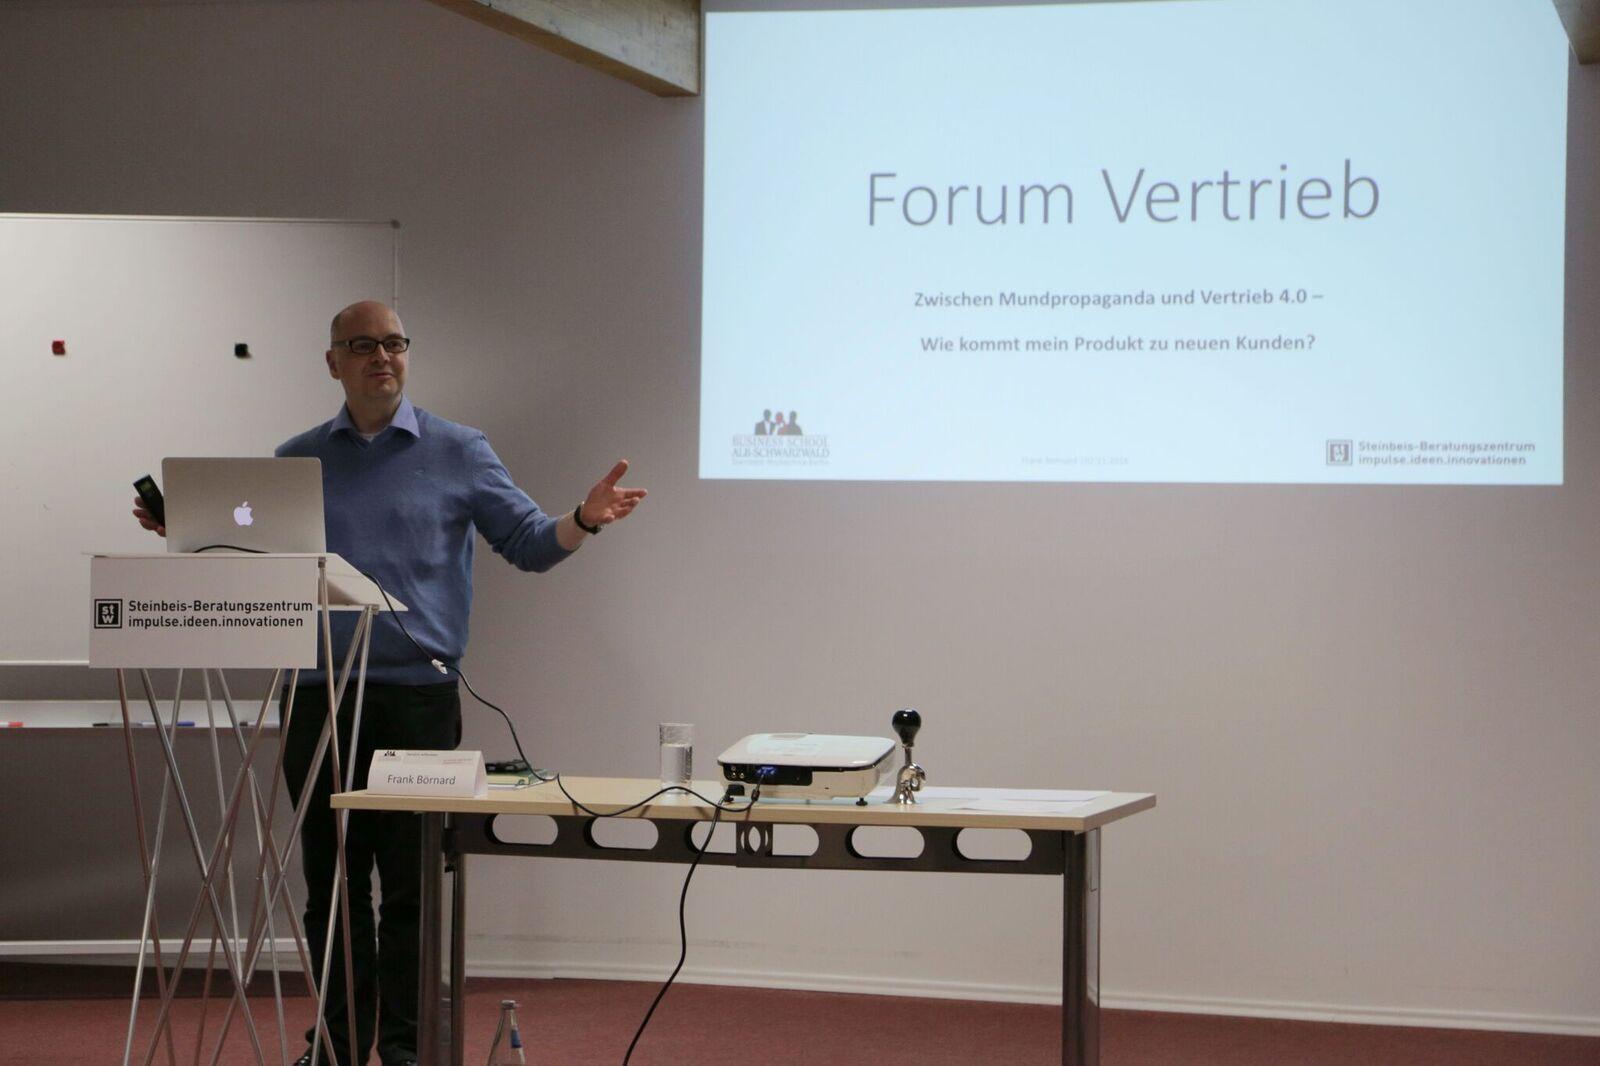 Frank Börnard vom Steinbeis Beratungszentrum impulse.ideen.innovationen spricht über Vertrieb 4.0